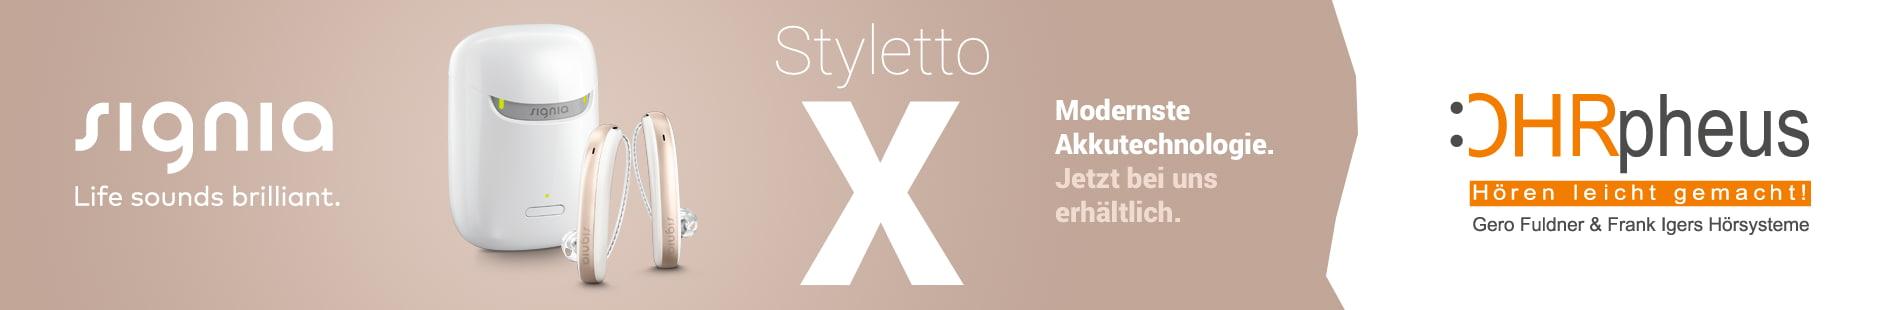 Signia Styletto X Hörgerät bei OHRpheus Hörsysteme Sliderbild